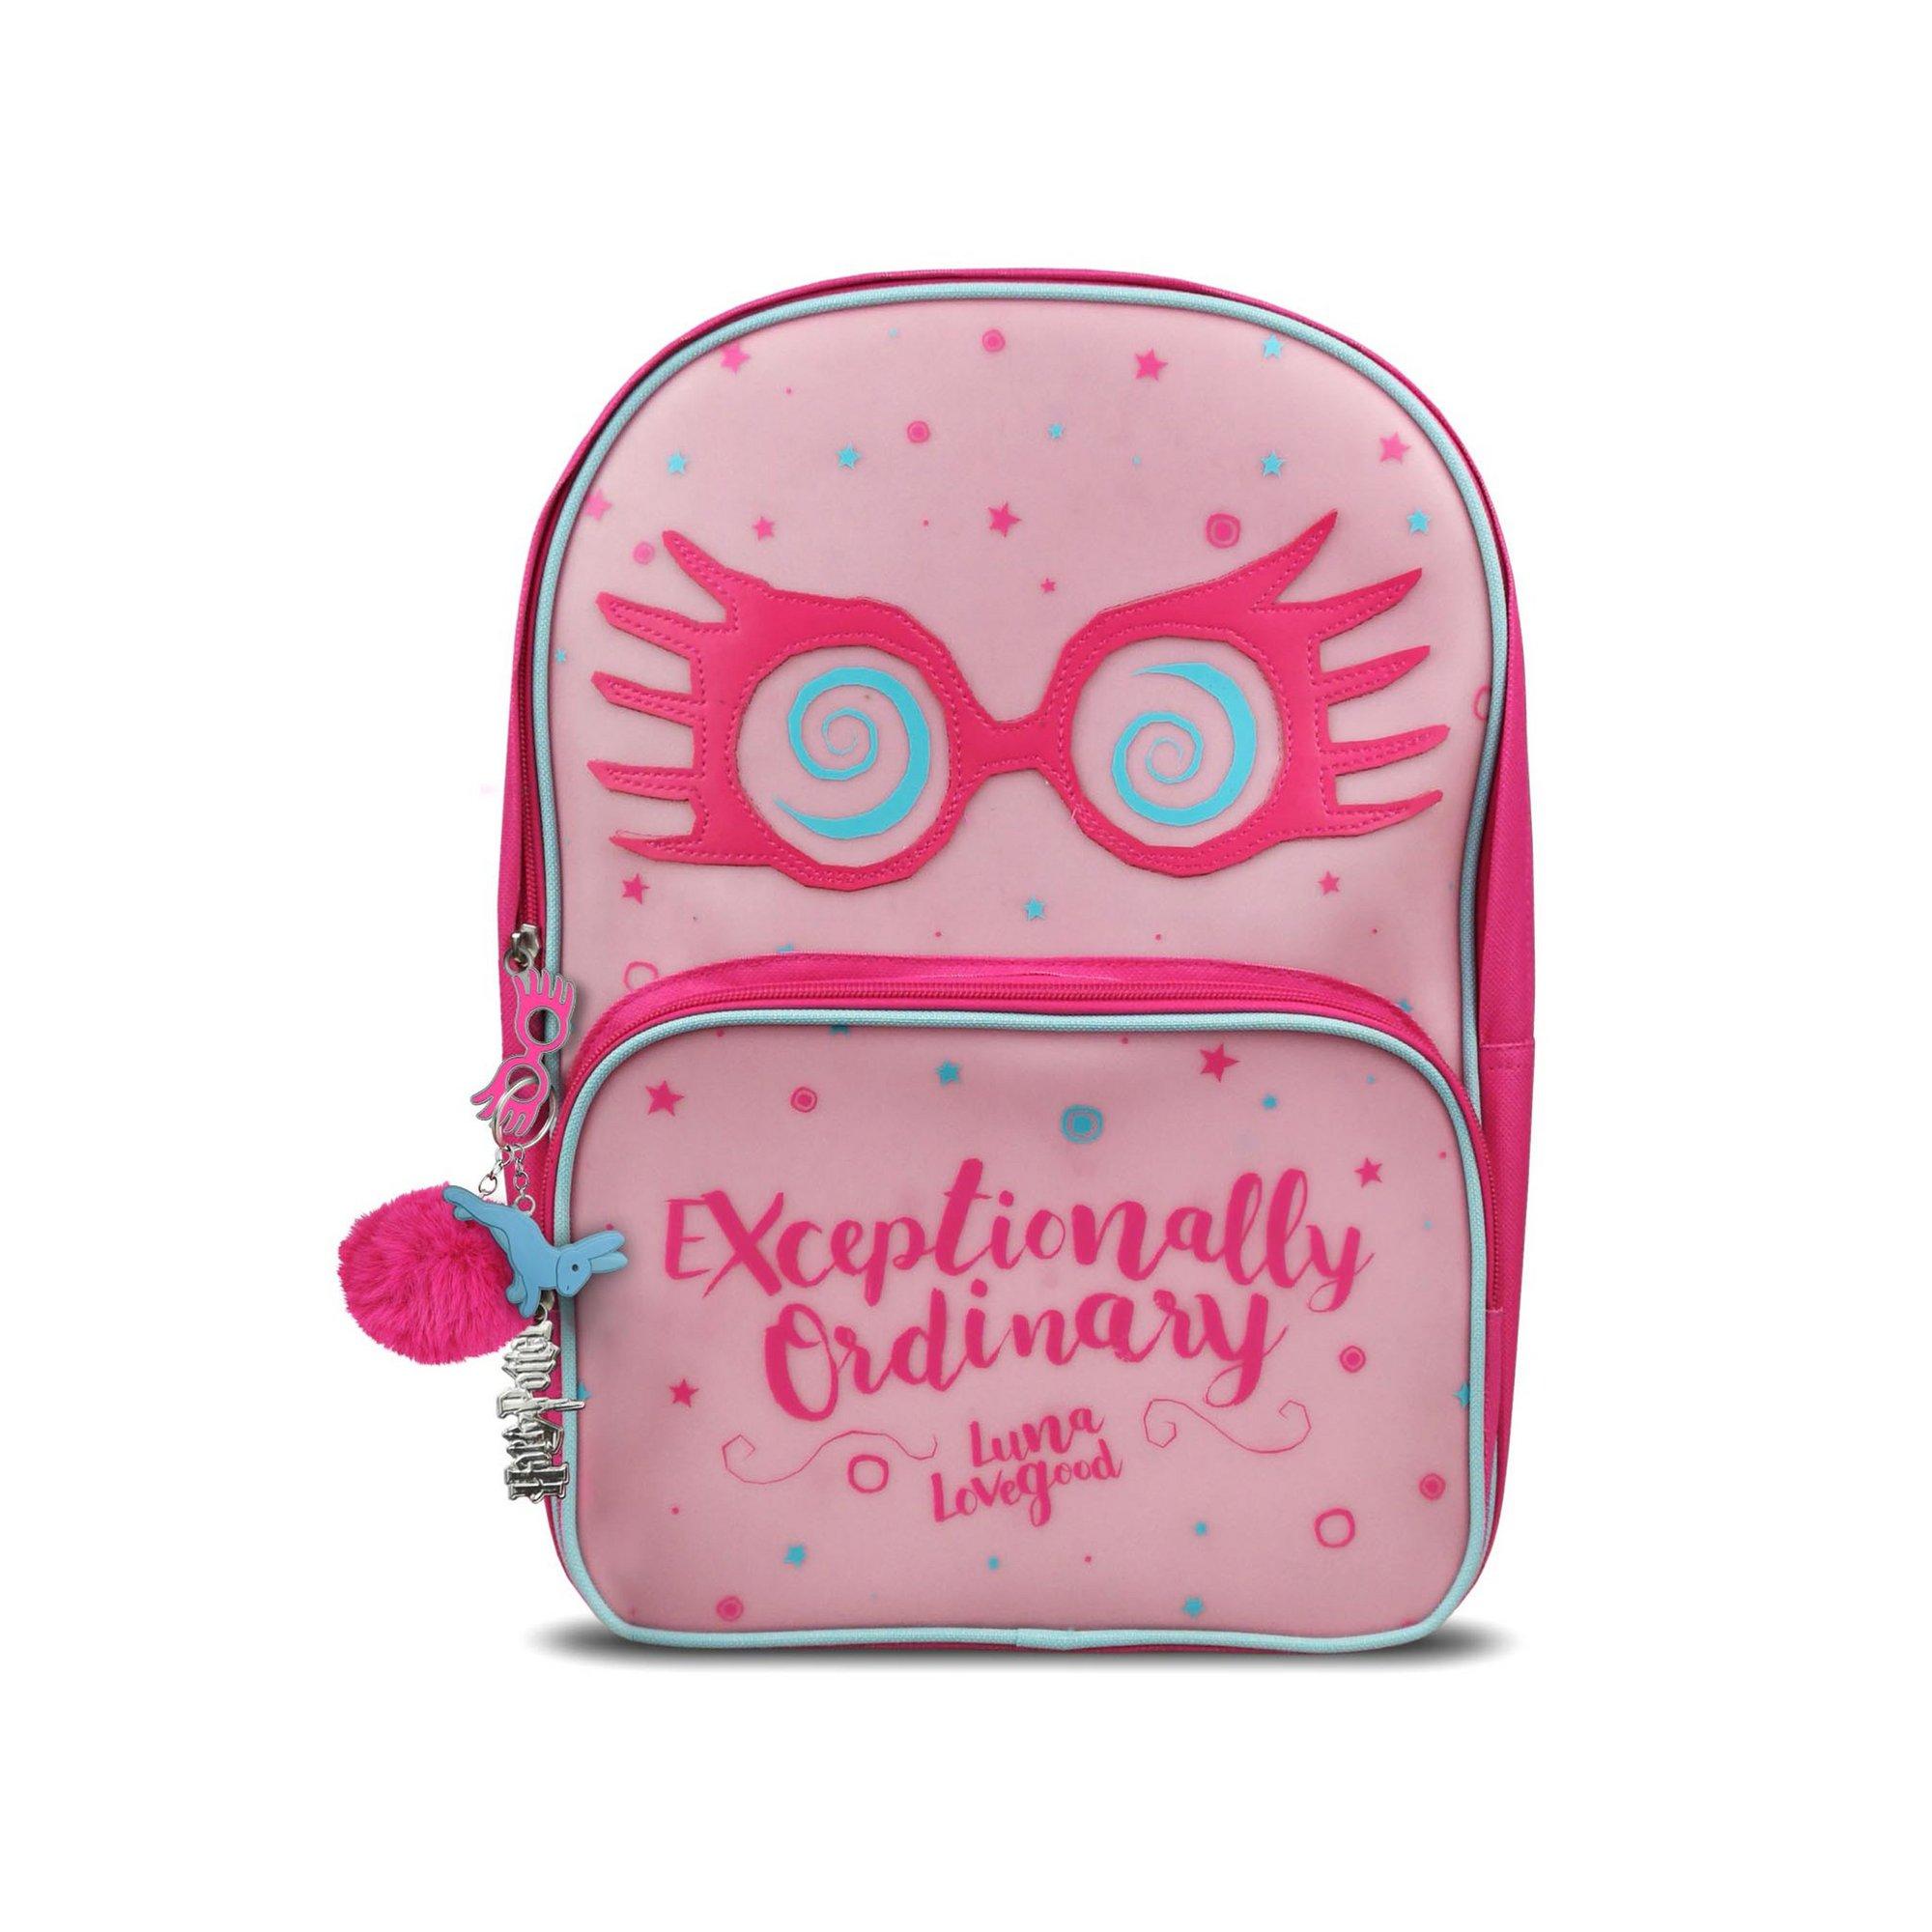 Image of Luna Lovegood Harry Potter Backpack